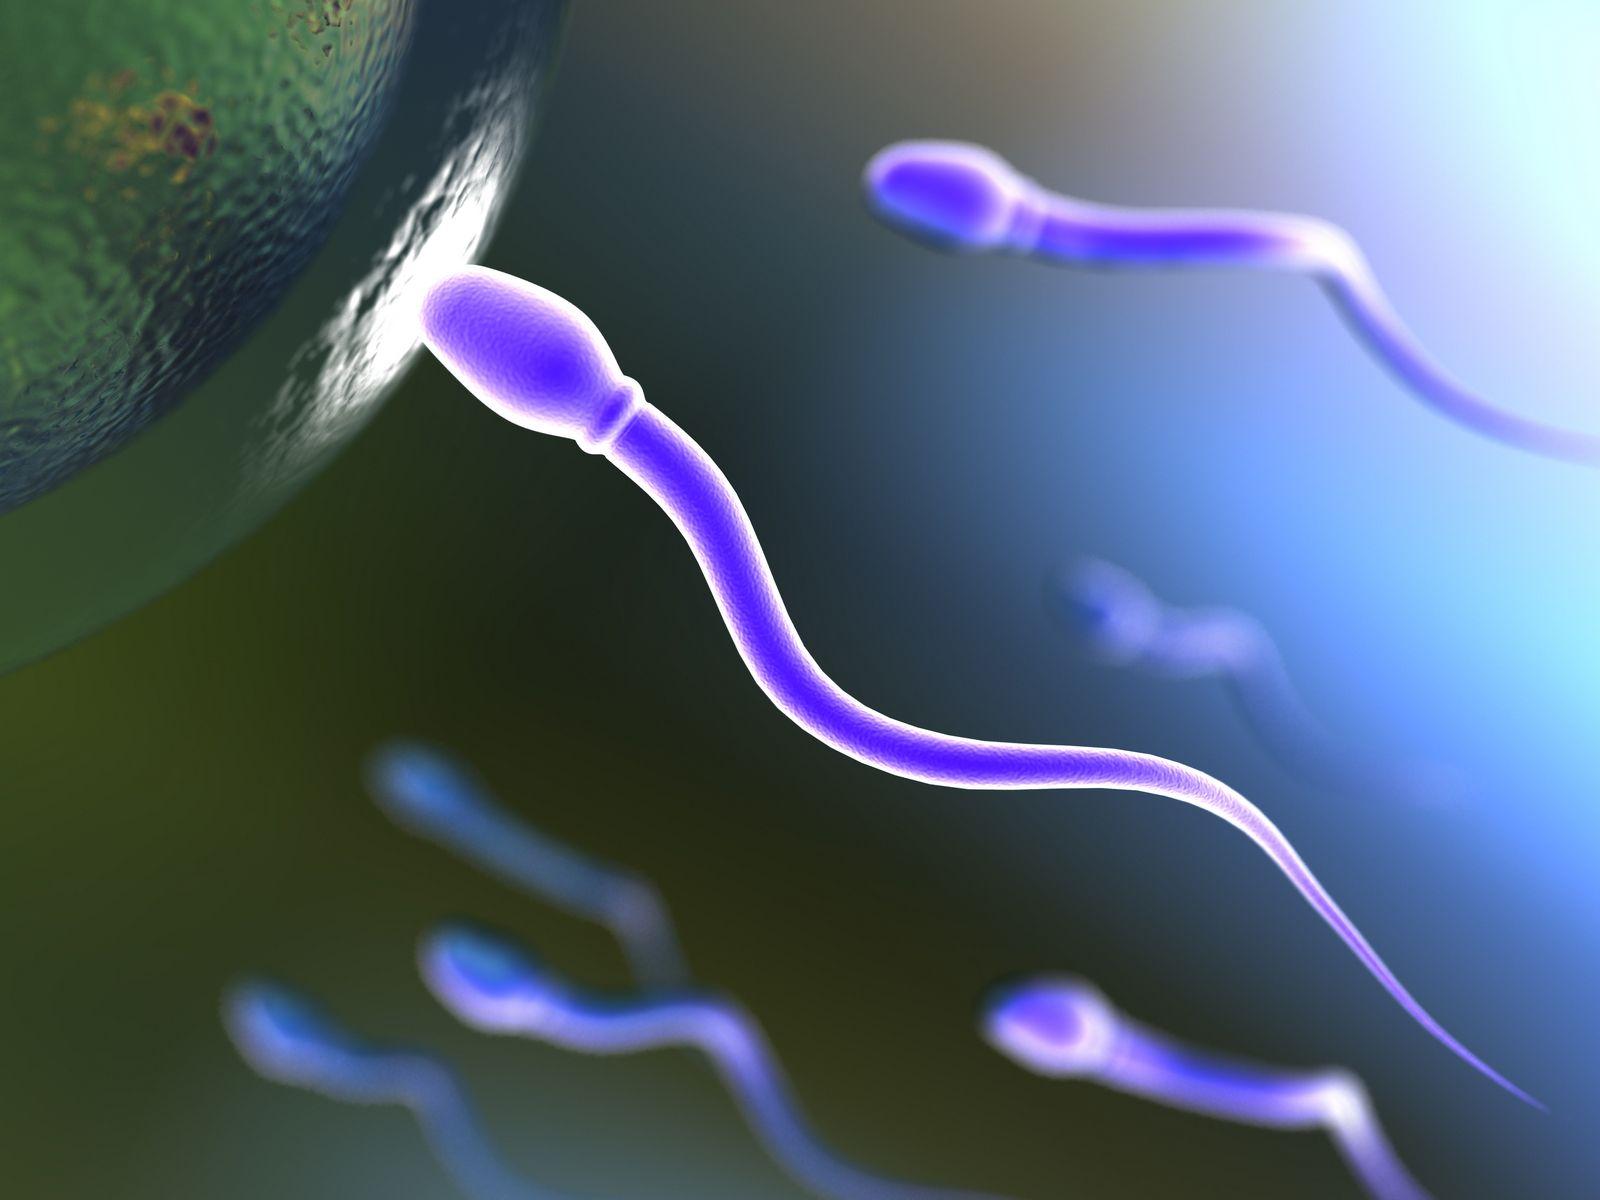 kolichestvo-spermi-dlya-zachatiya